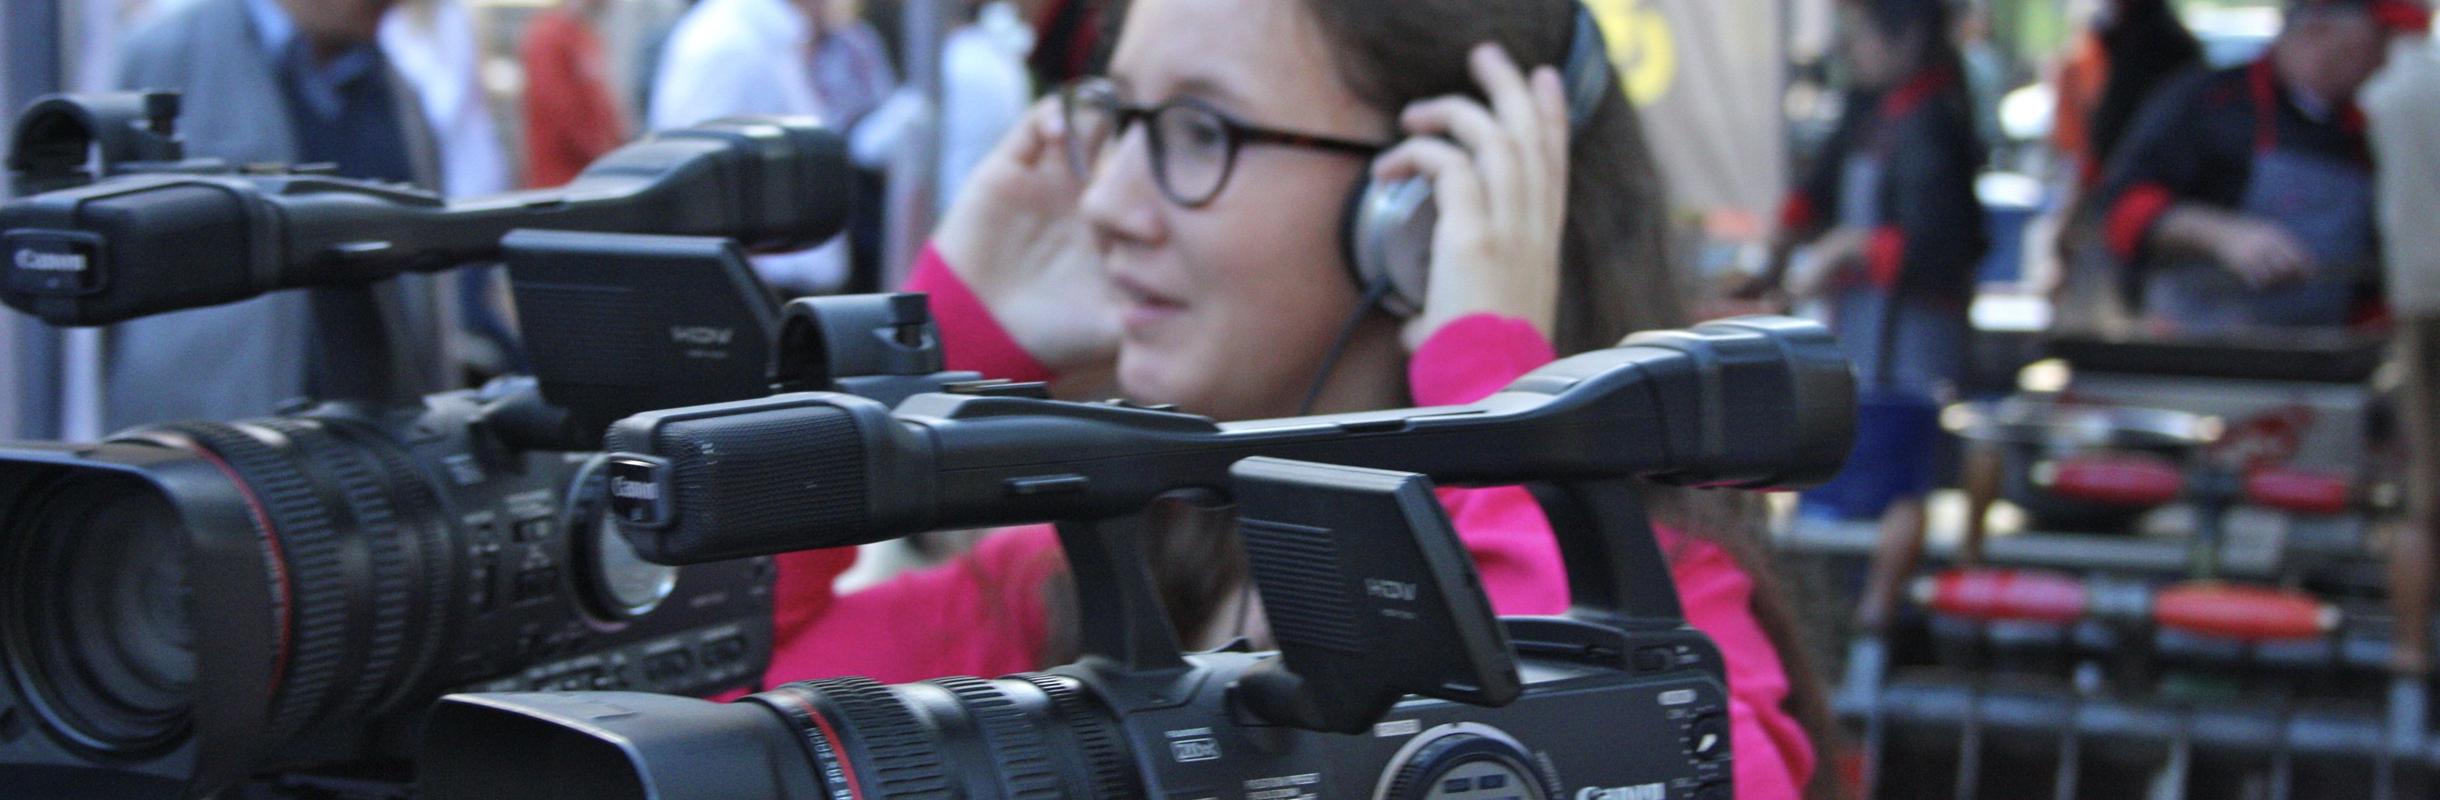 Peopletalk-Projekt Reinach «Littering isch Mischt» Drehset